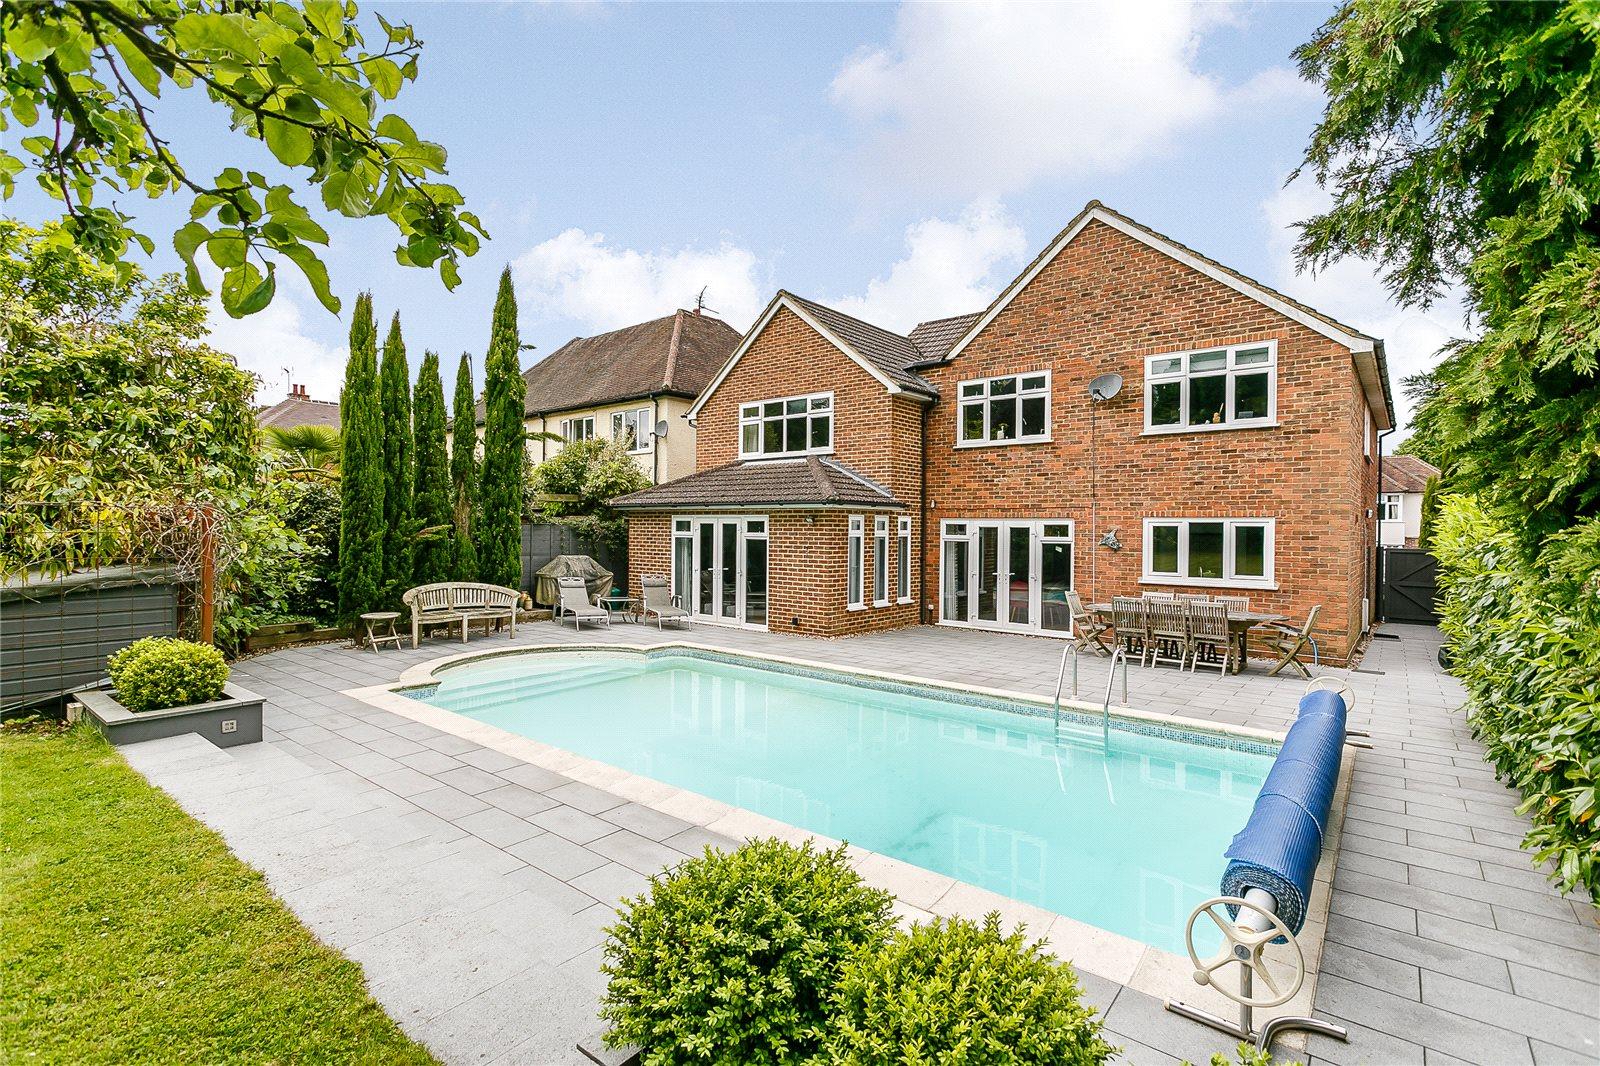 Tek Ailelik Ev için Satış at Longley Road, Farnham, Surrey, GU9 Farnham, Ingiltere